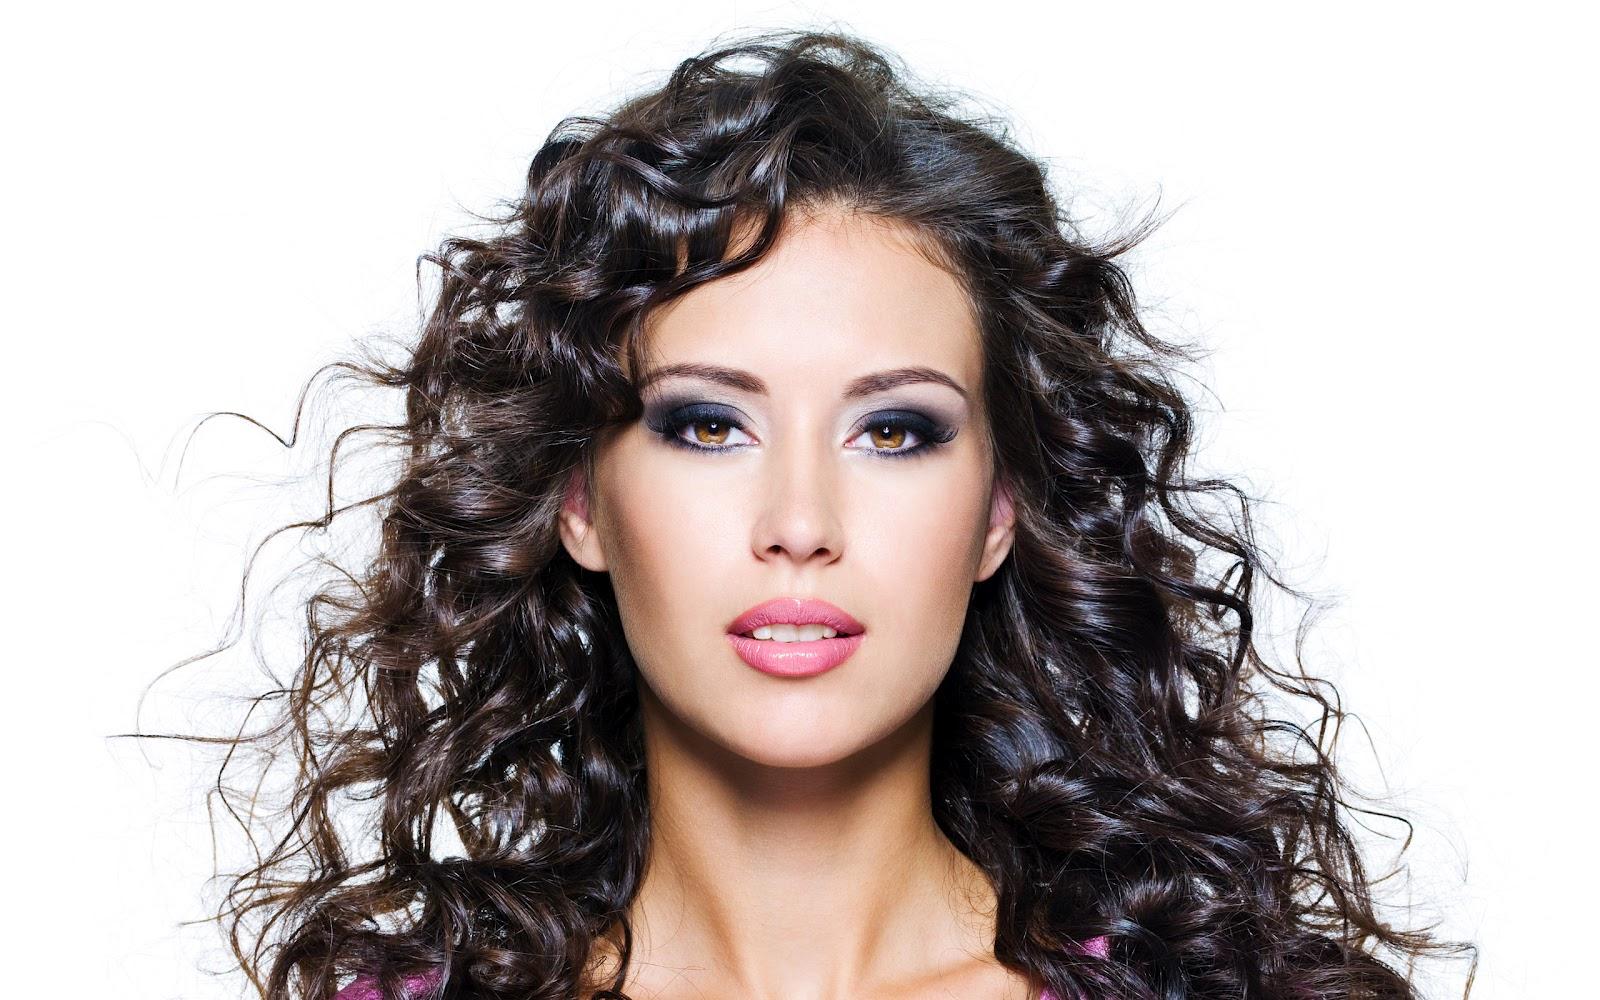 http://1.bp.blogspot.com/-Ay6gzV15VZM/UCM3QoYi_cI/AAAAAAAAFR8/lbGGXMun4lU/s1600/Hair+Style16.jpg